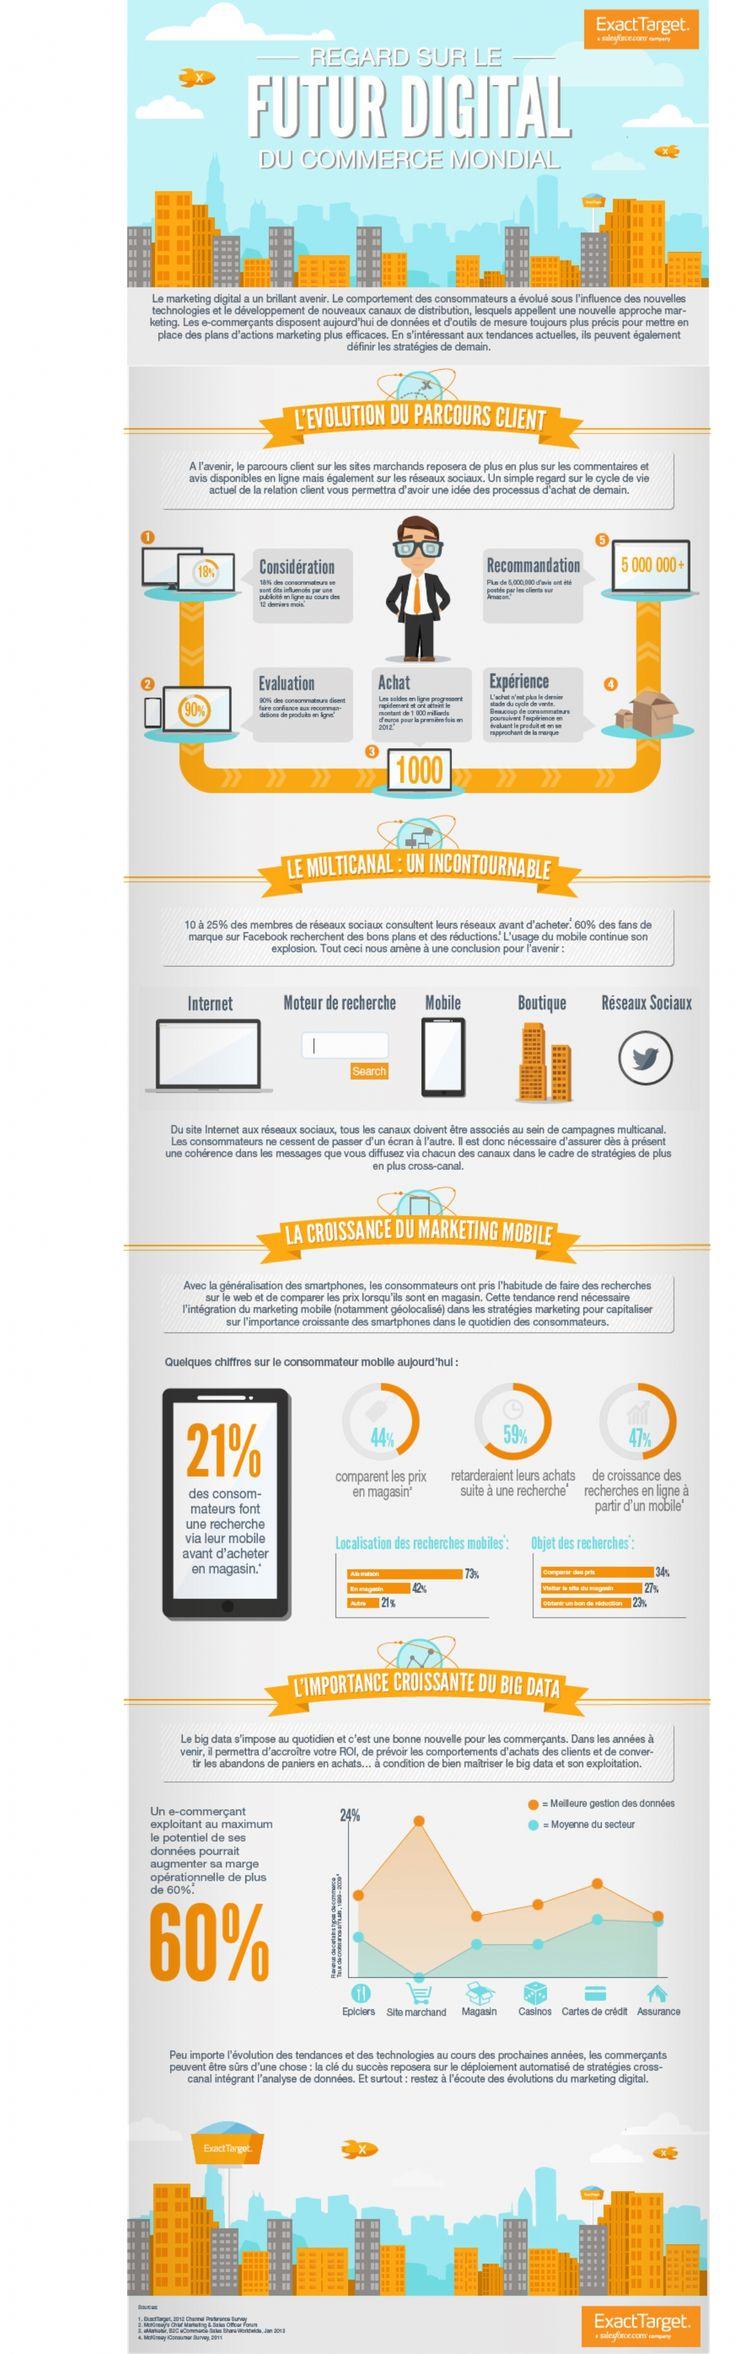 Le marketing digital voué à un brillant avenir http://www.e-marketing.fr/Infographie/Regard-sur-le-futur-digital-du-commerce-mondial-54199.htm